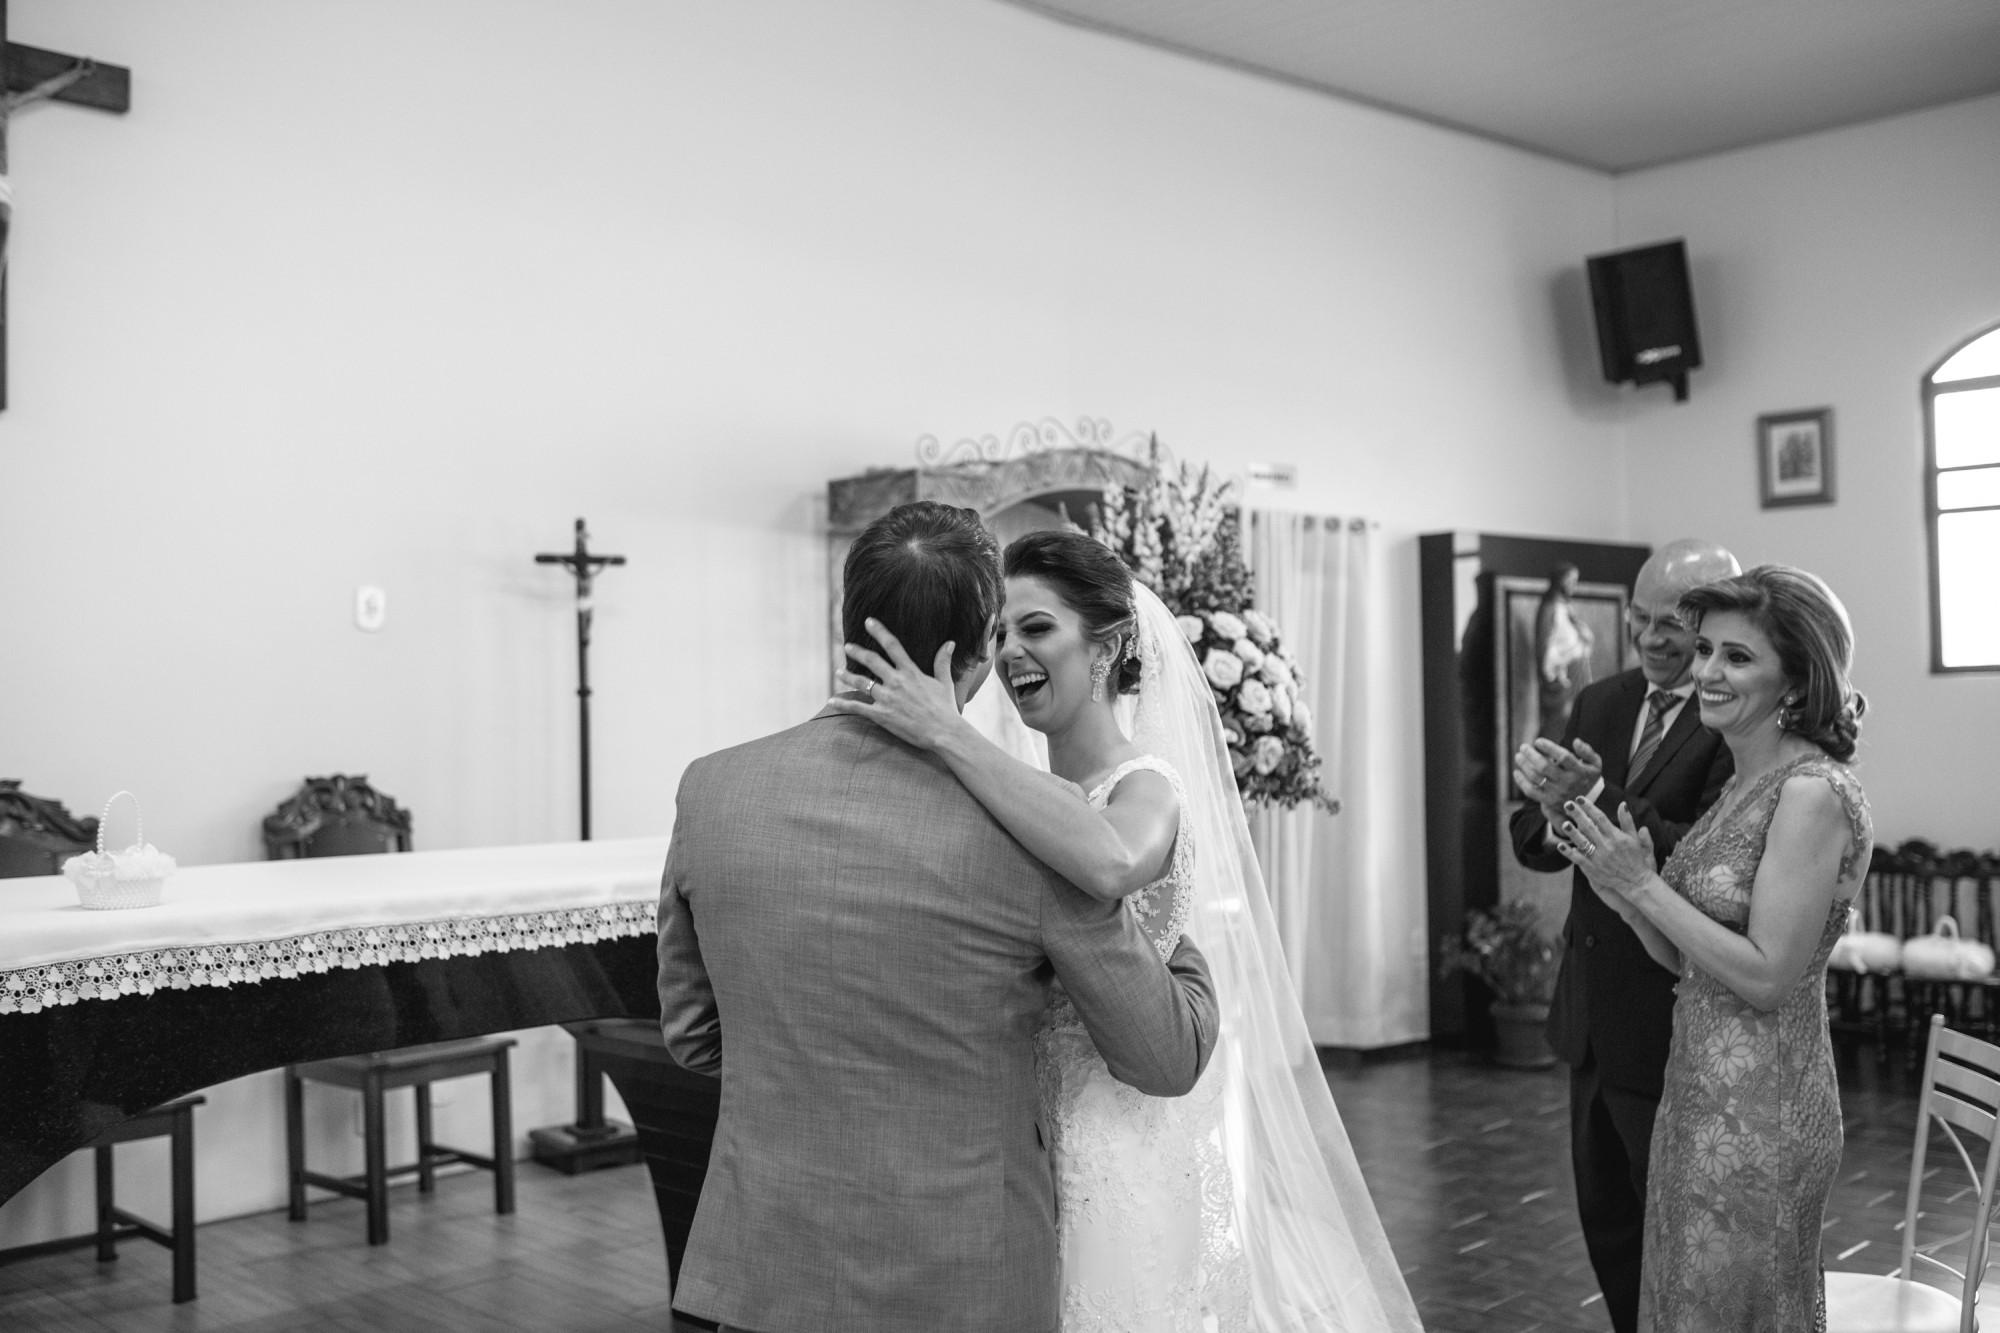 Maiara Kuki e Ricardo - Casamento em Palotina - PR por Lorran Souza e Léia Sotile - fotografo de casamentos00011